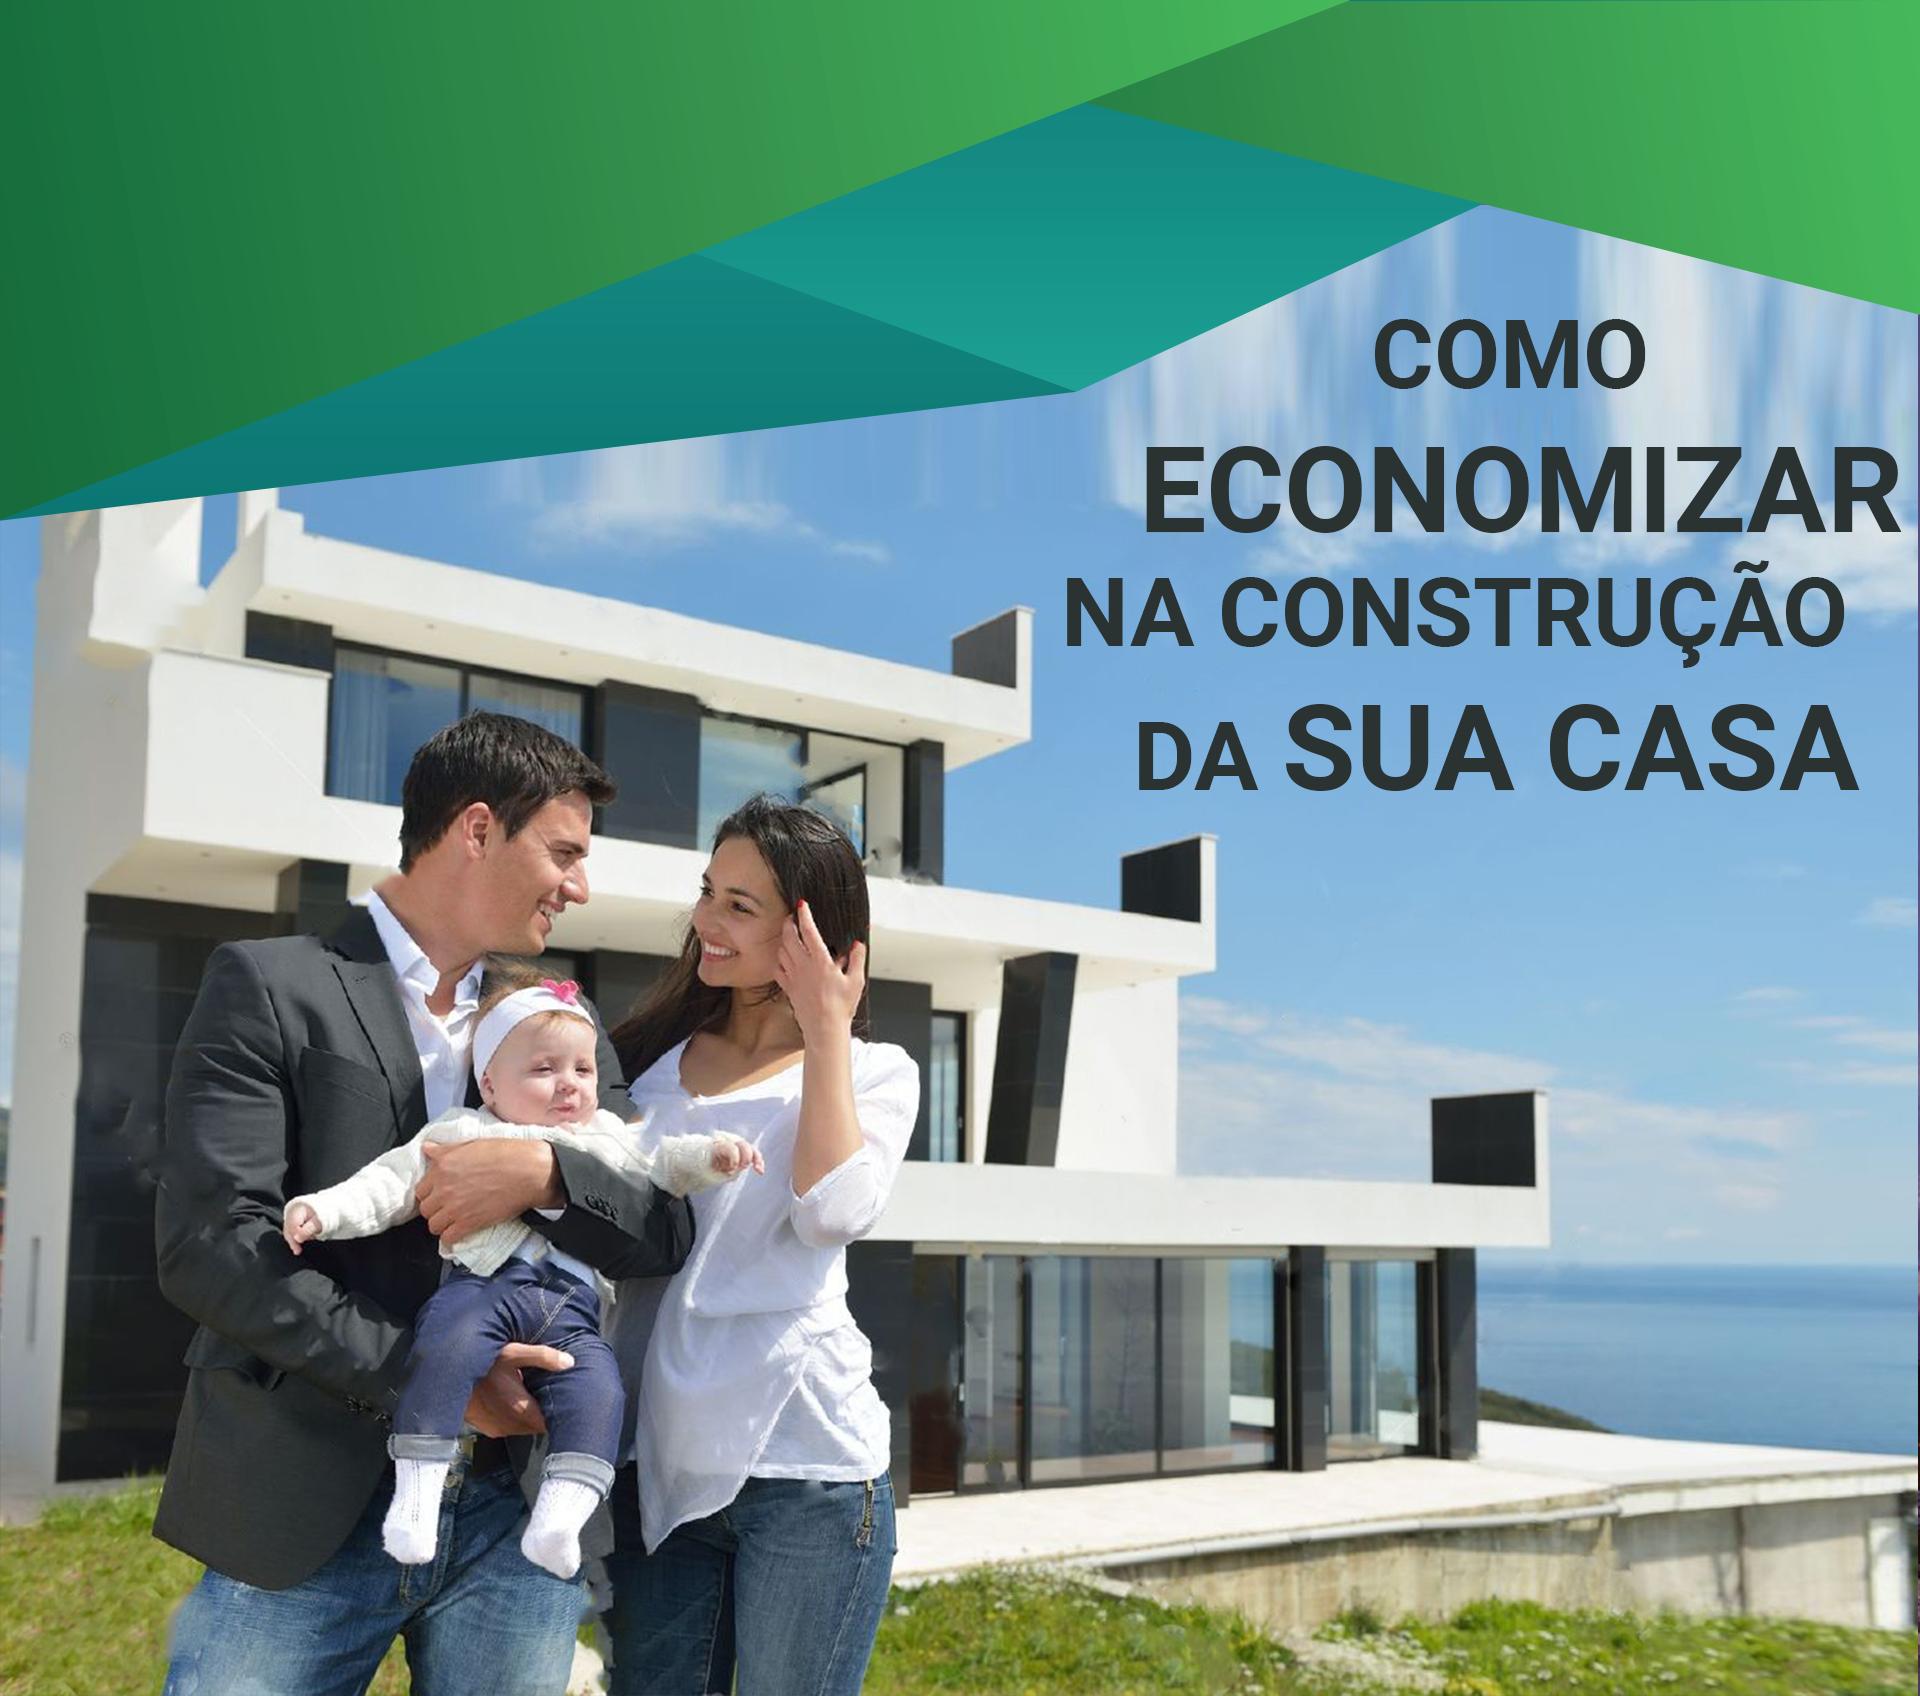 Economizar na construção da sua casa